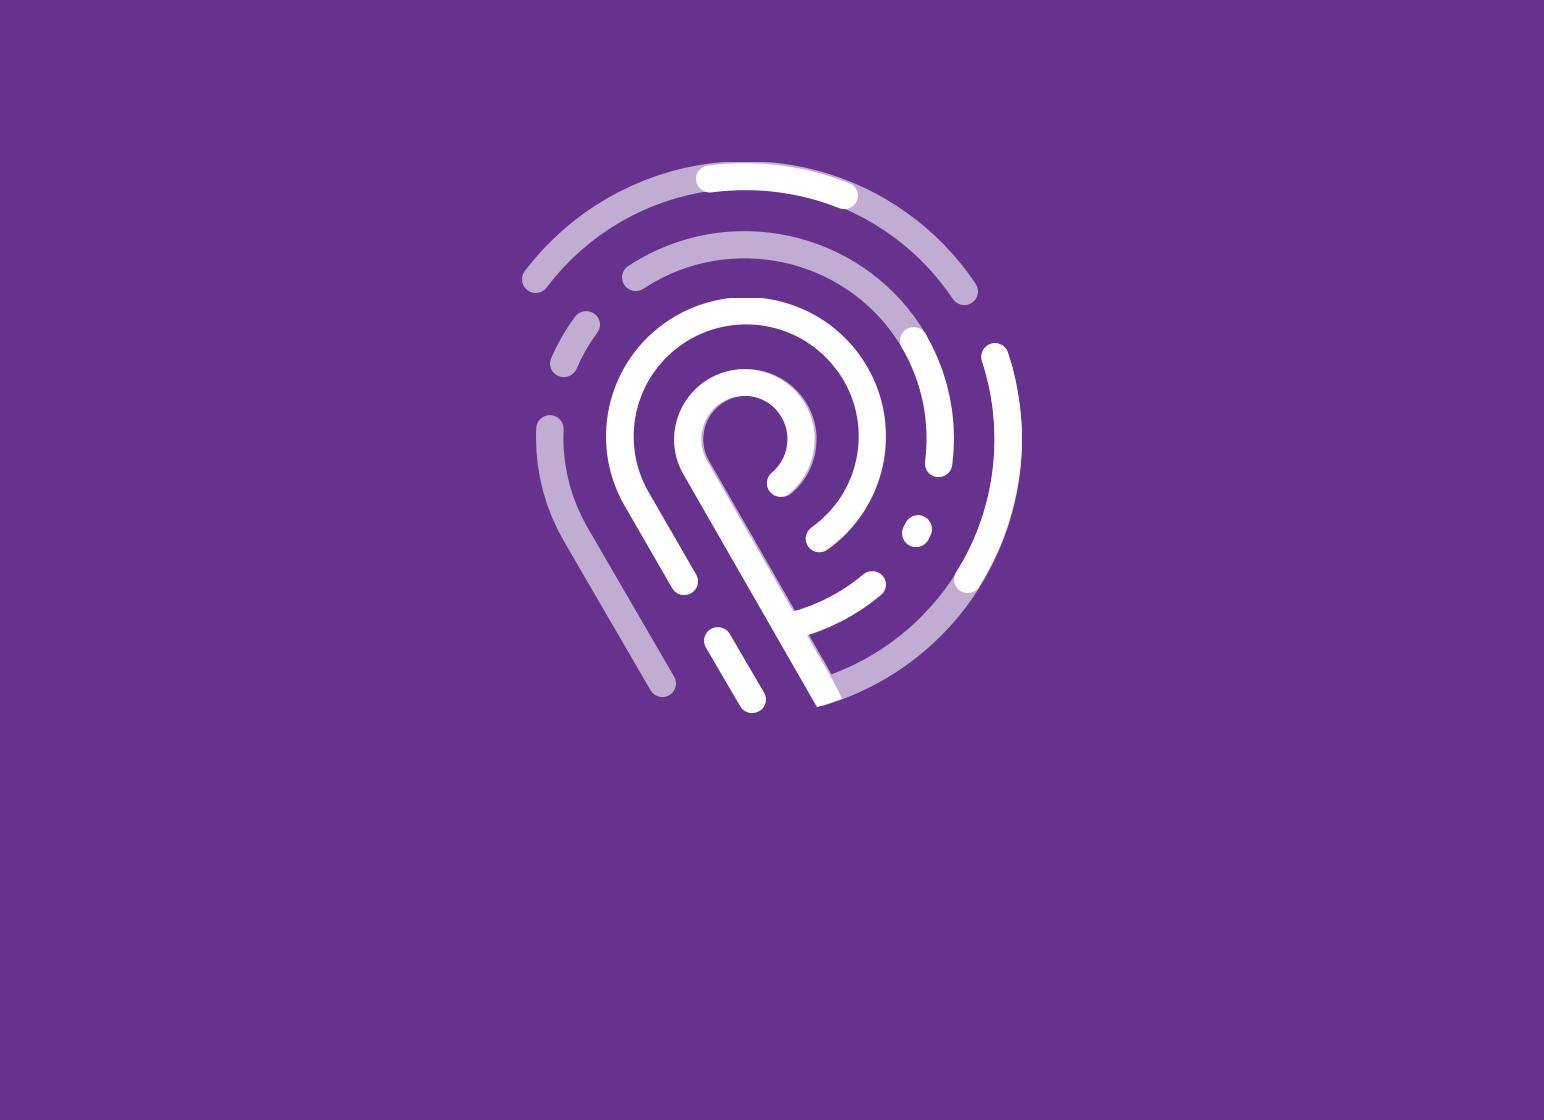 Op de afbeelding staat het visuele element uit het logo van Philips Pensioenfonds